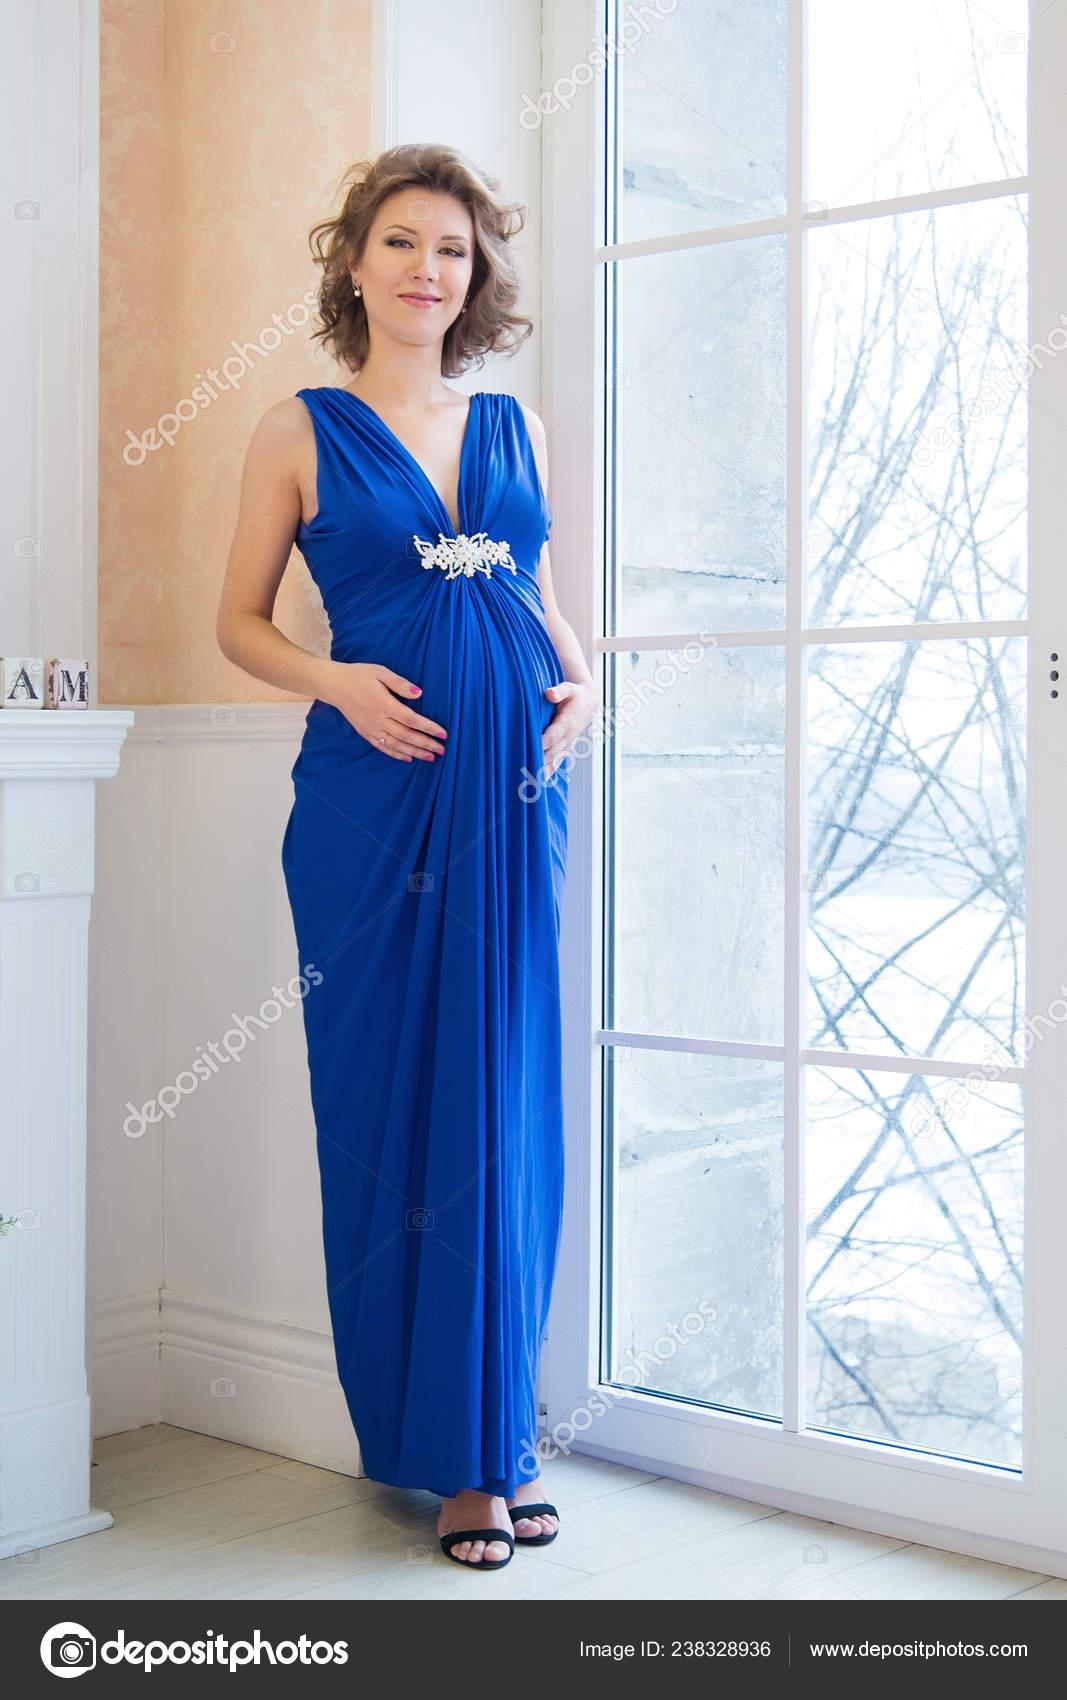 Retrato Mujer Embarazada Joven Posando Elegante Vestido